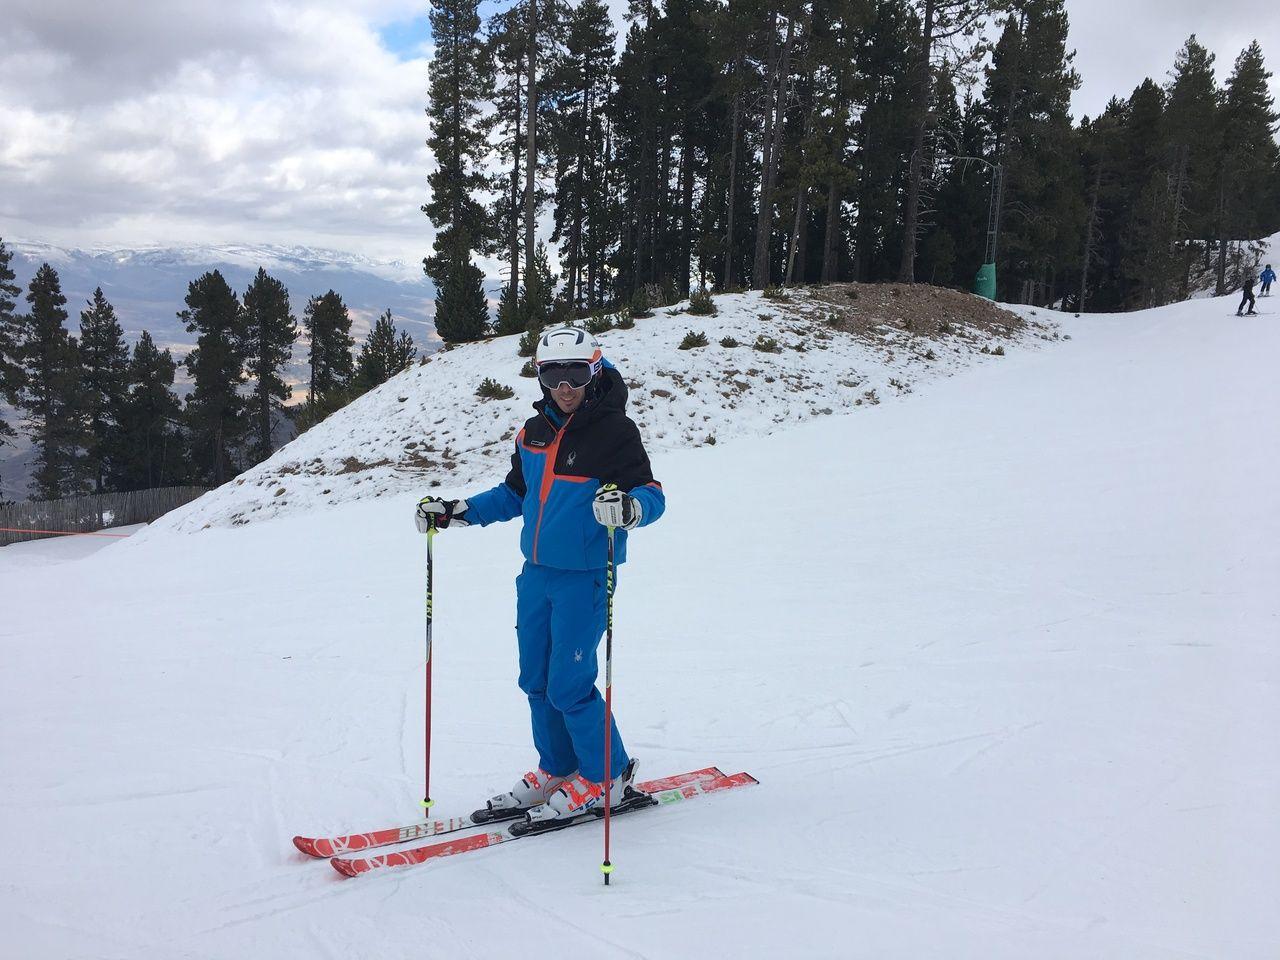 39dfded1 Cómo reconocer un buen profesor de esquí? - Winter is coming ...